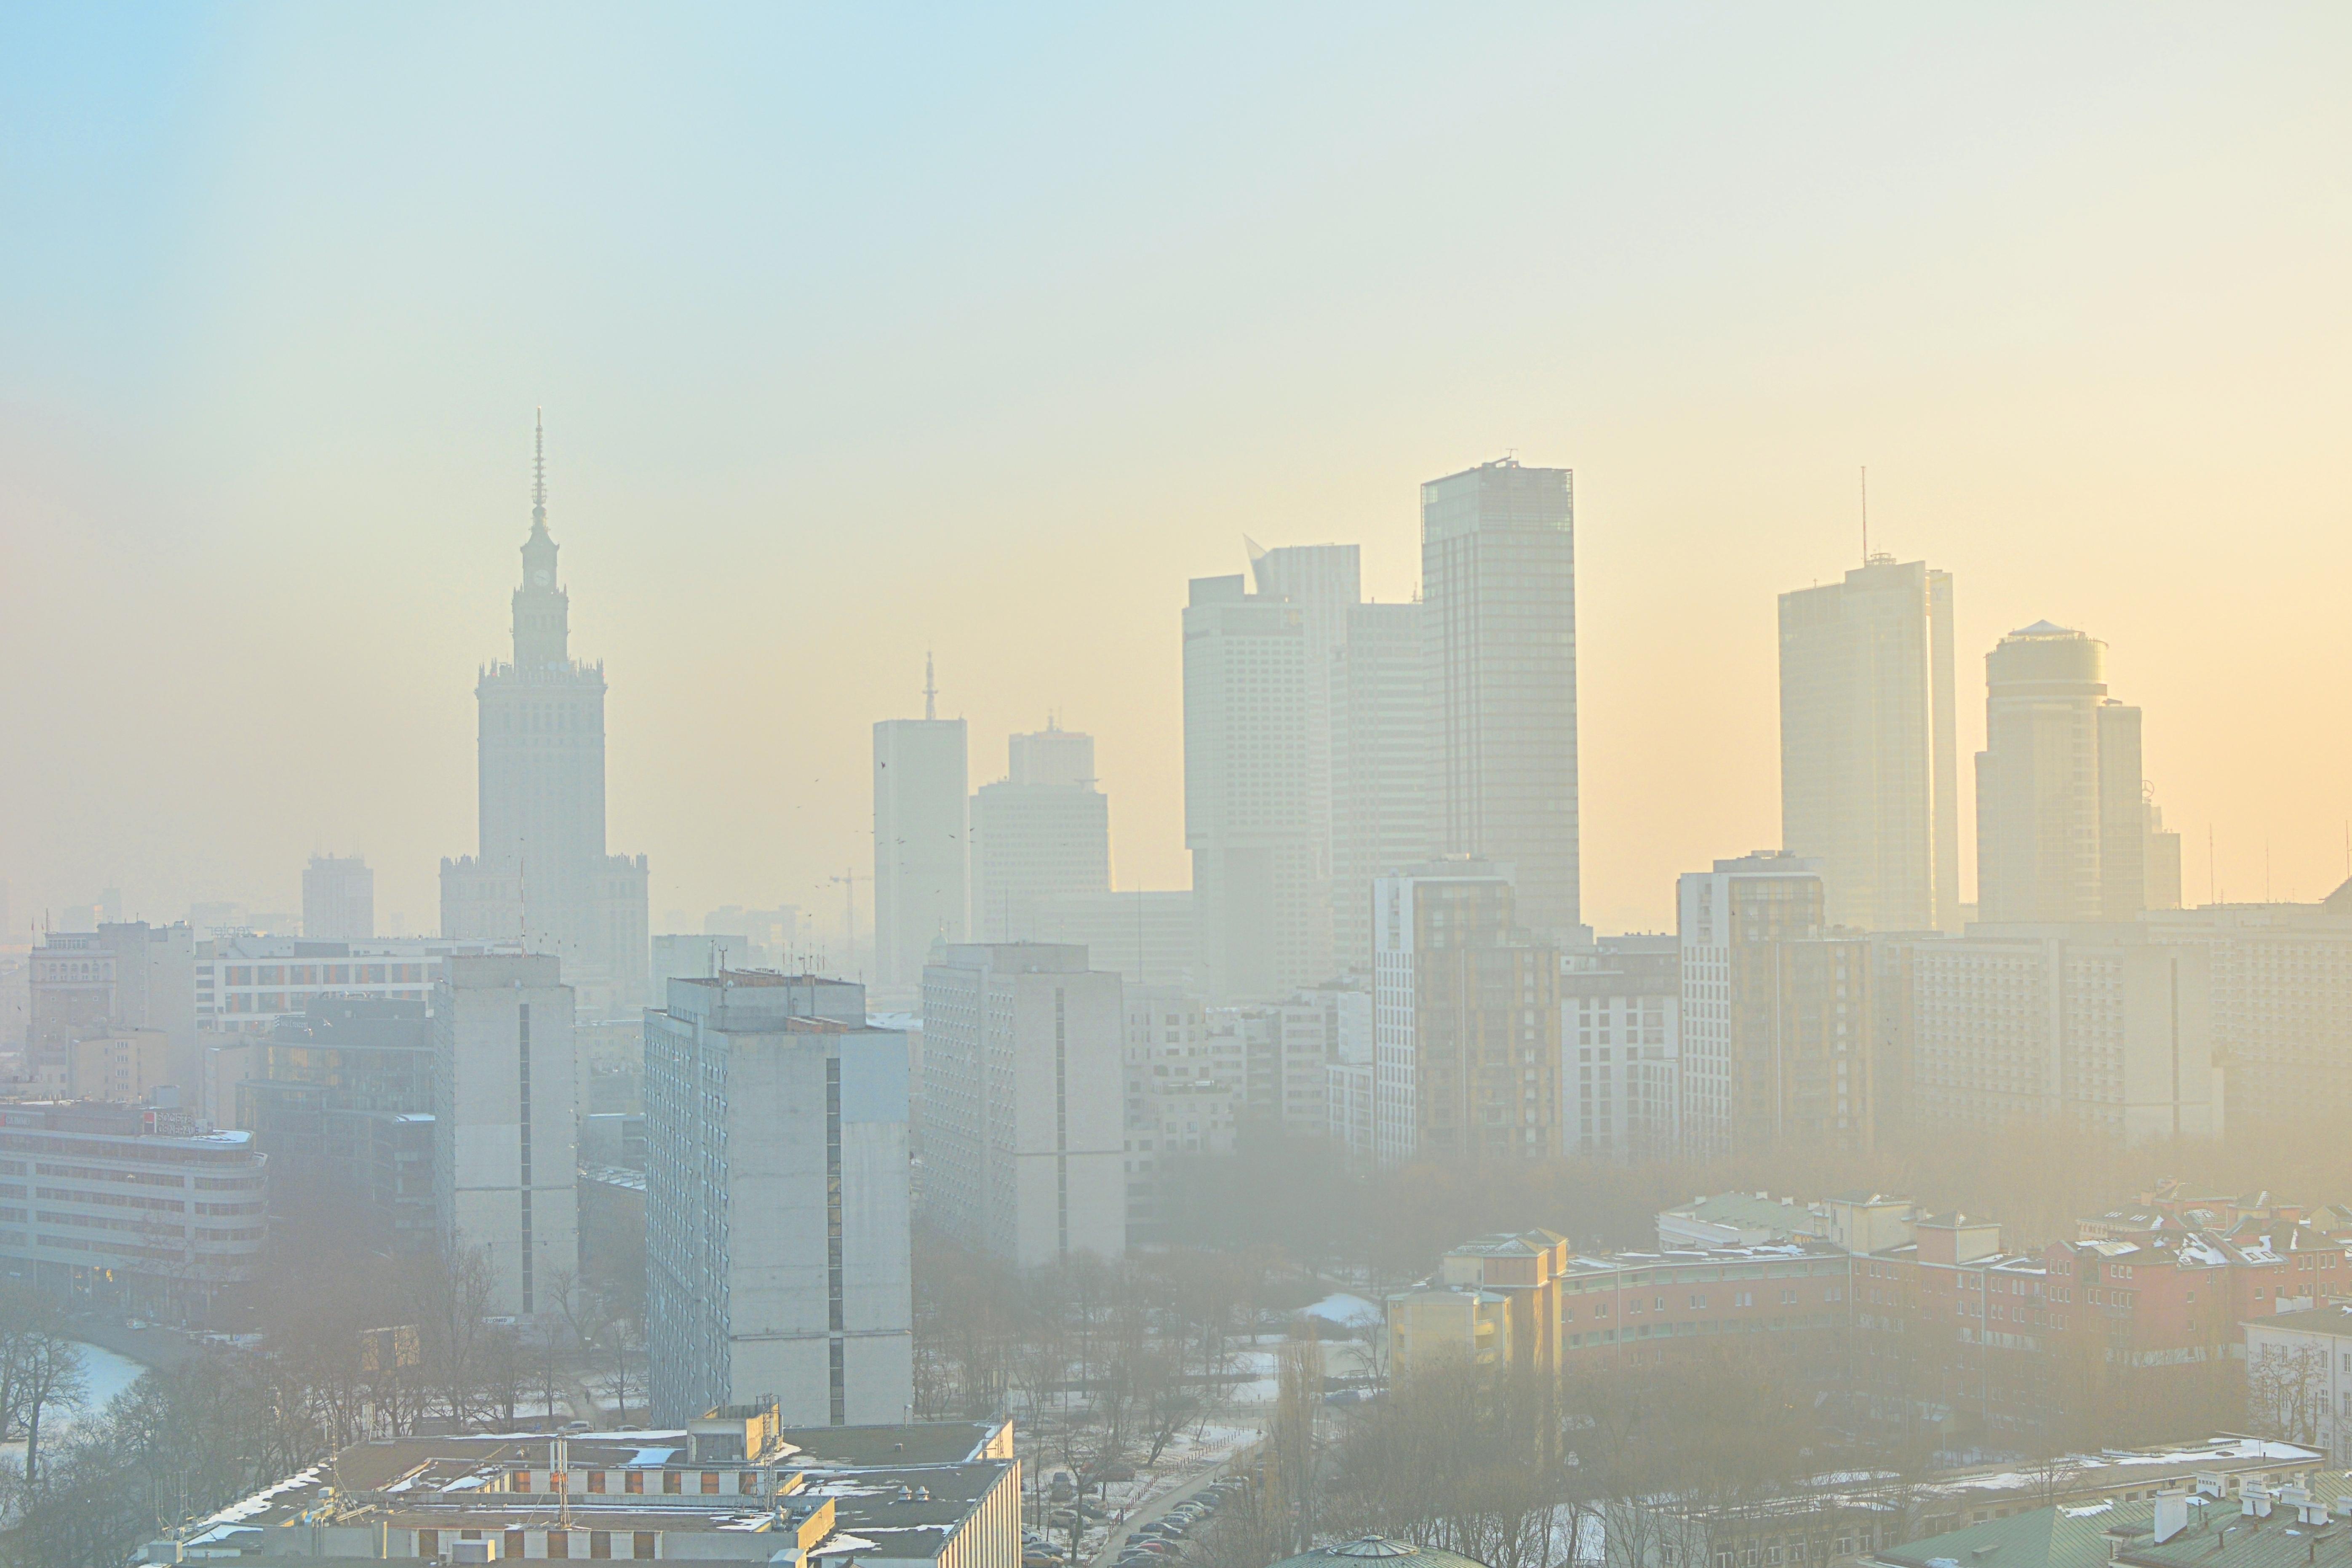 Smog over Warsaw skyline